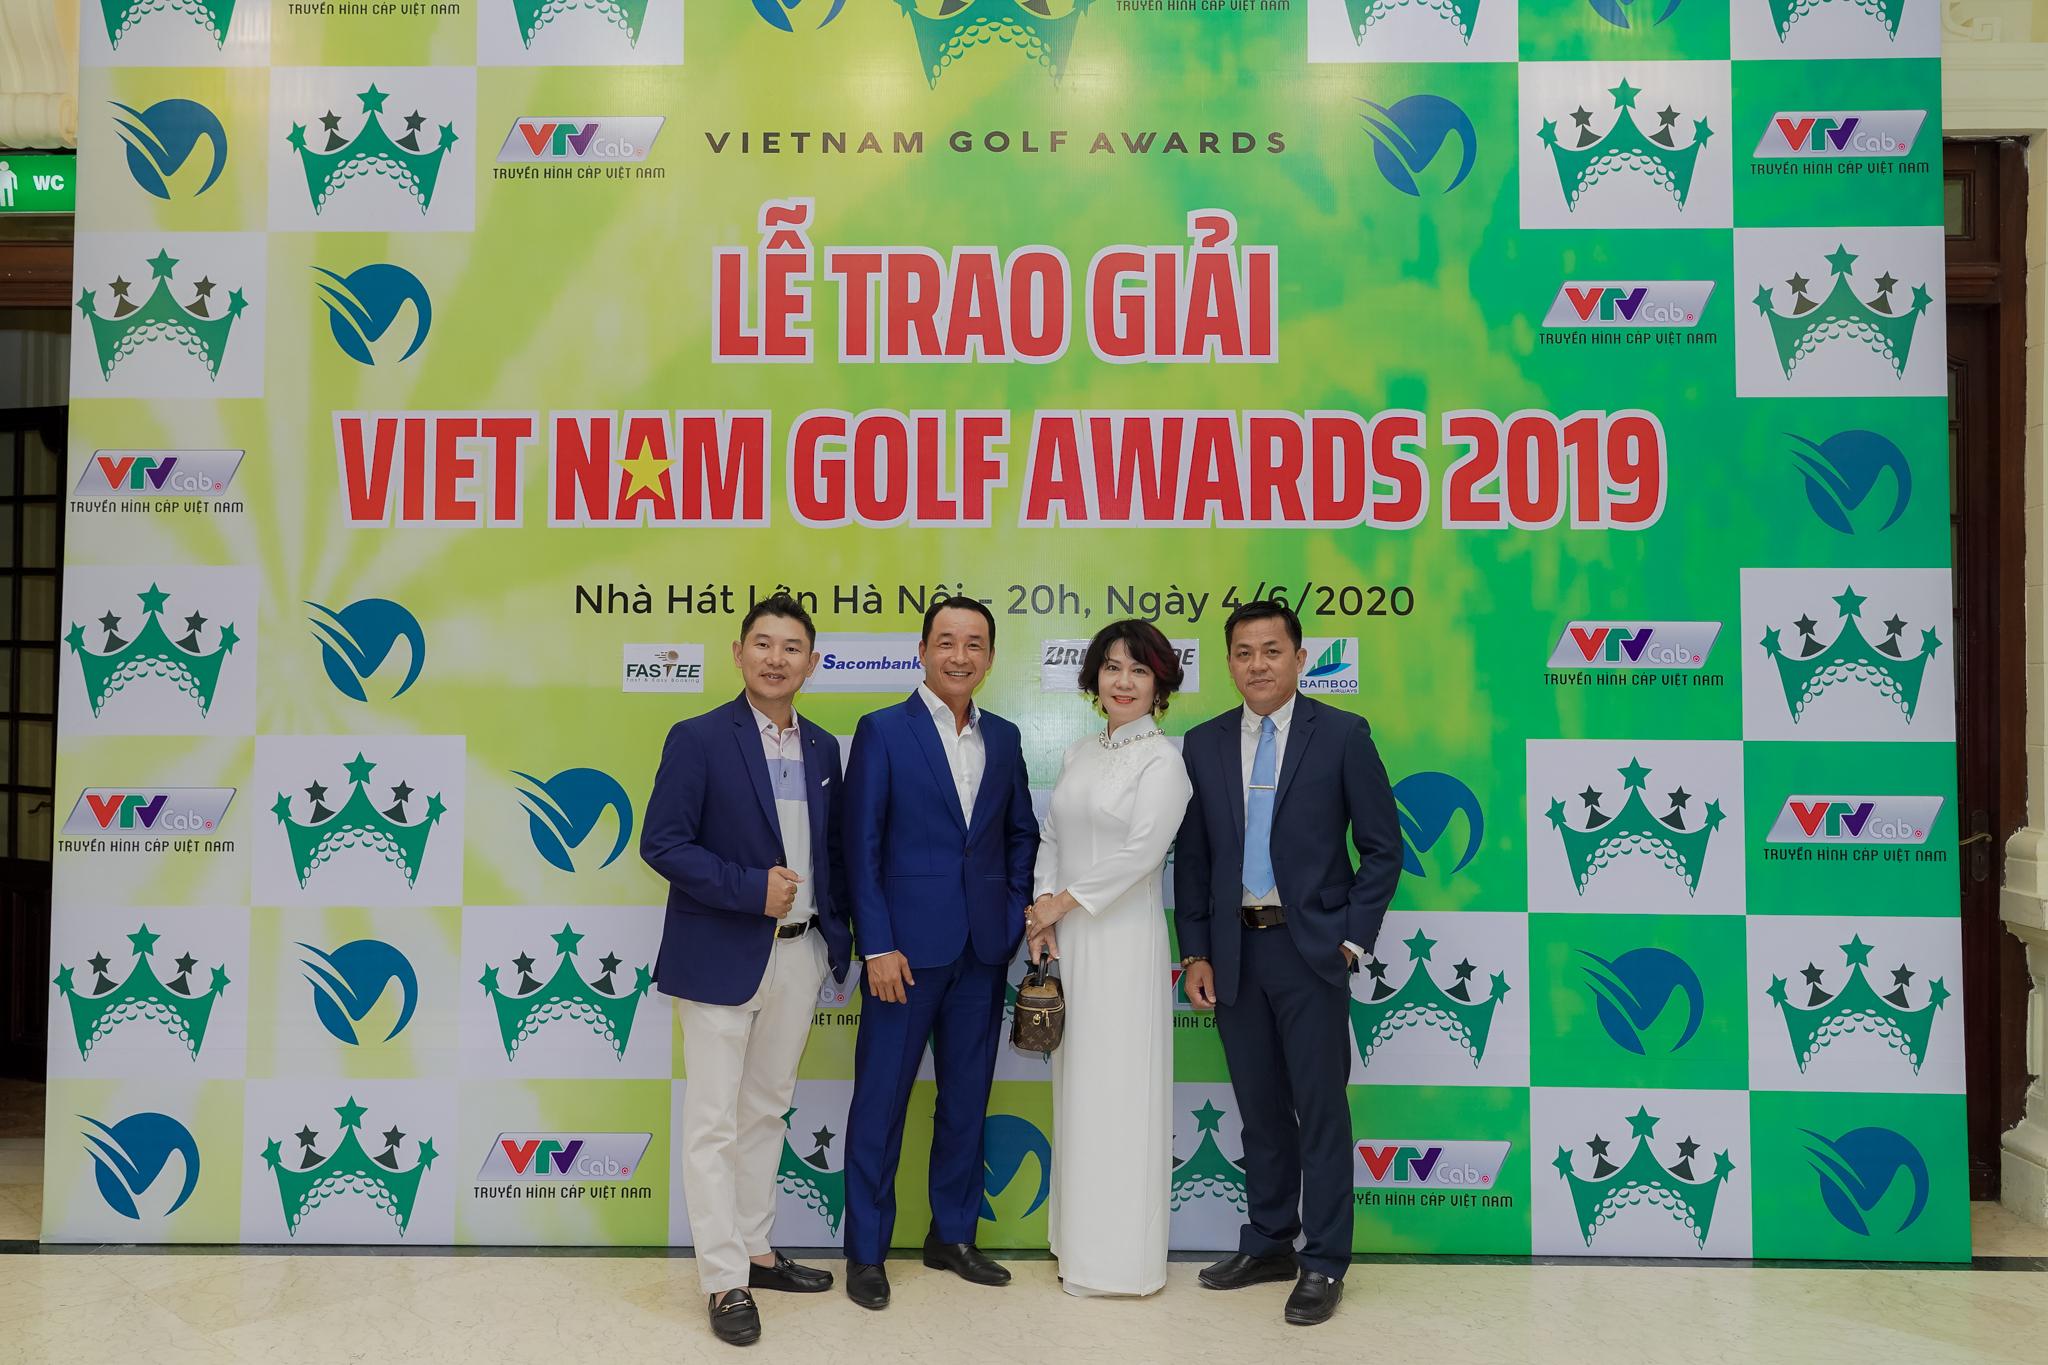 SÂN GOLF LONG BIÊN VÀ SÂN GOLF TÂN SƠN NHẤT ĐƯỢC VINH DANH TẠI LỄ TRAO GIẢI VIỆT NAM GOLF AWARDS 2019